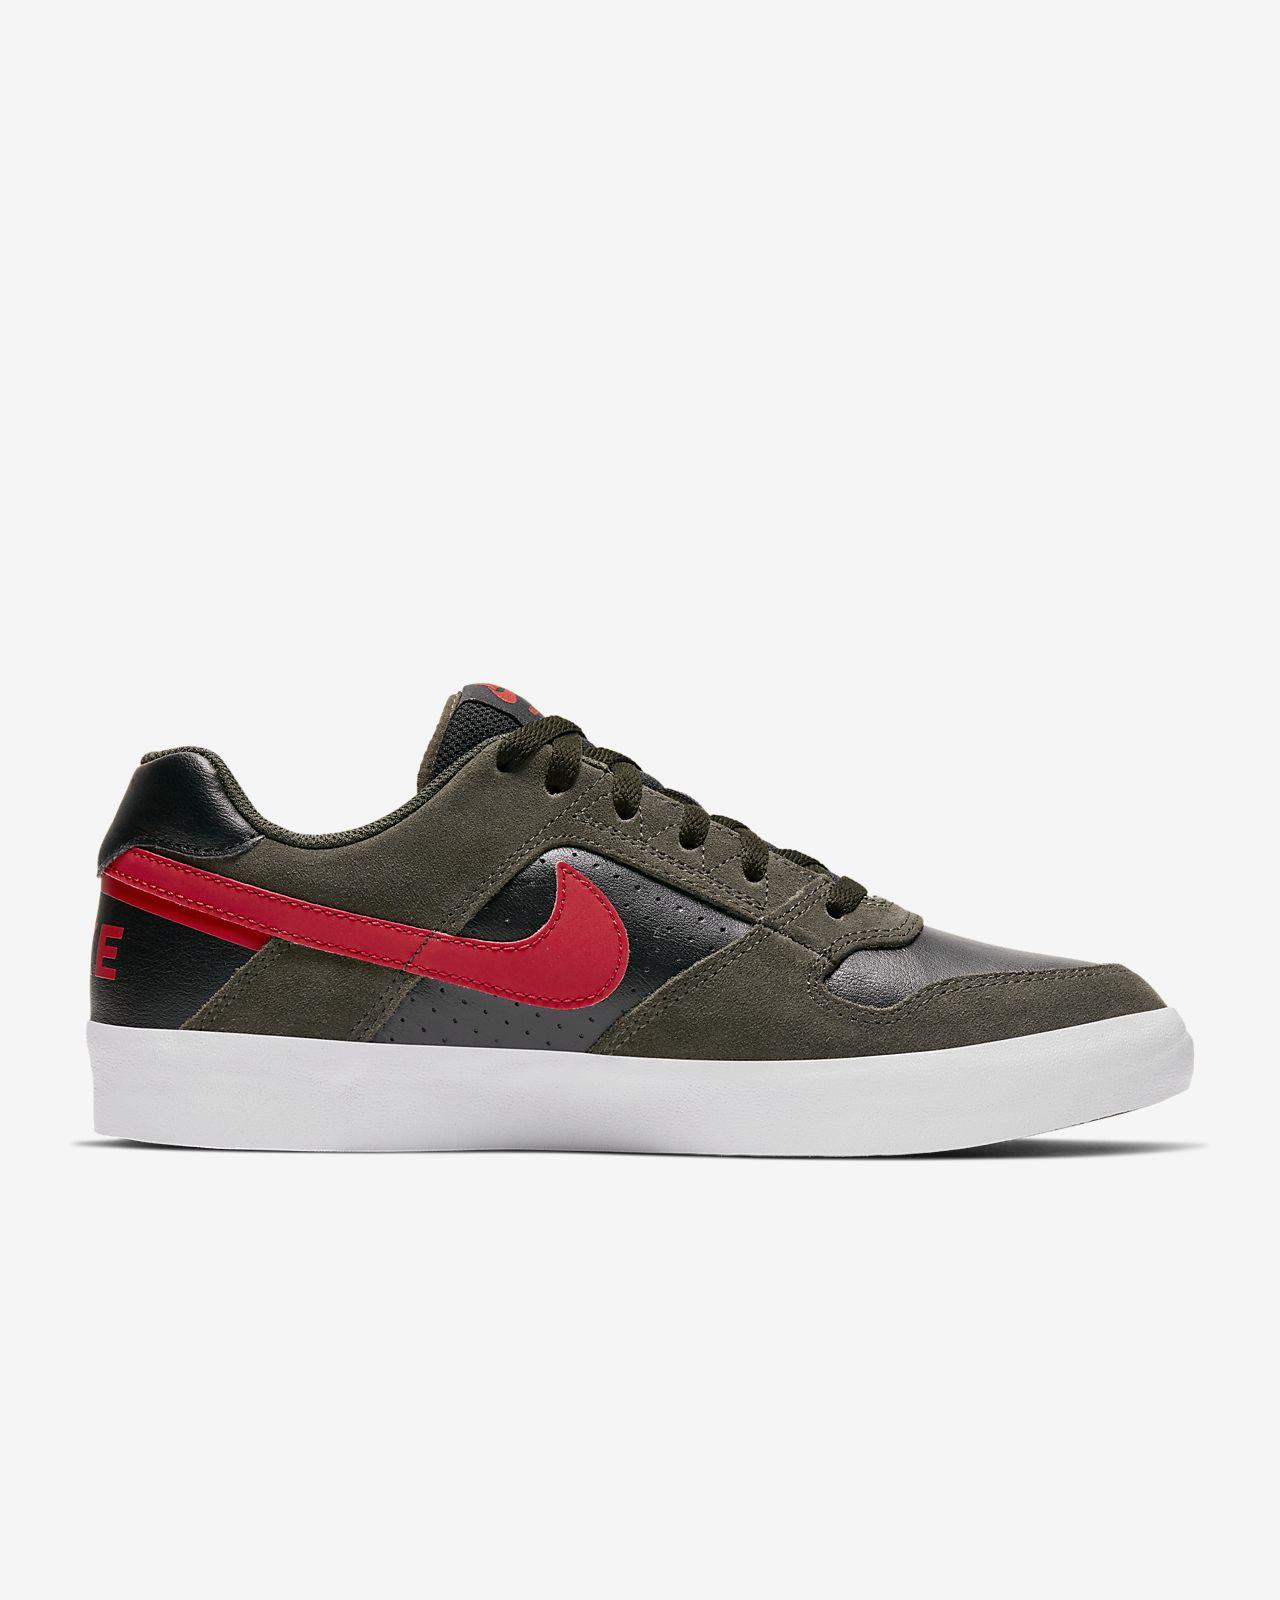 Calzado de skateboarding para hombre Nike SB Delta Force Vulc